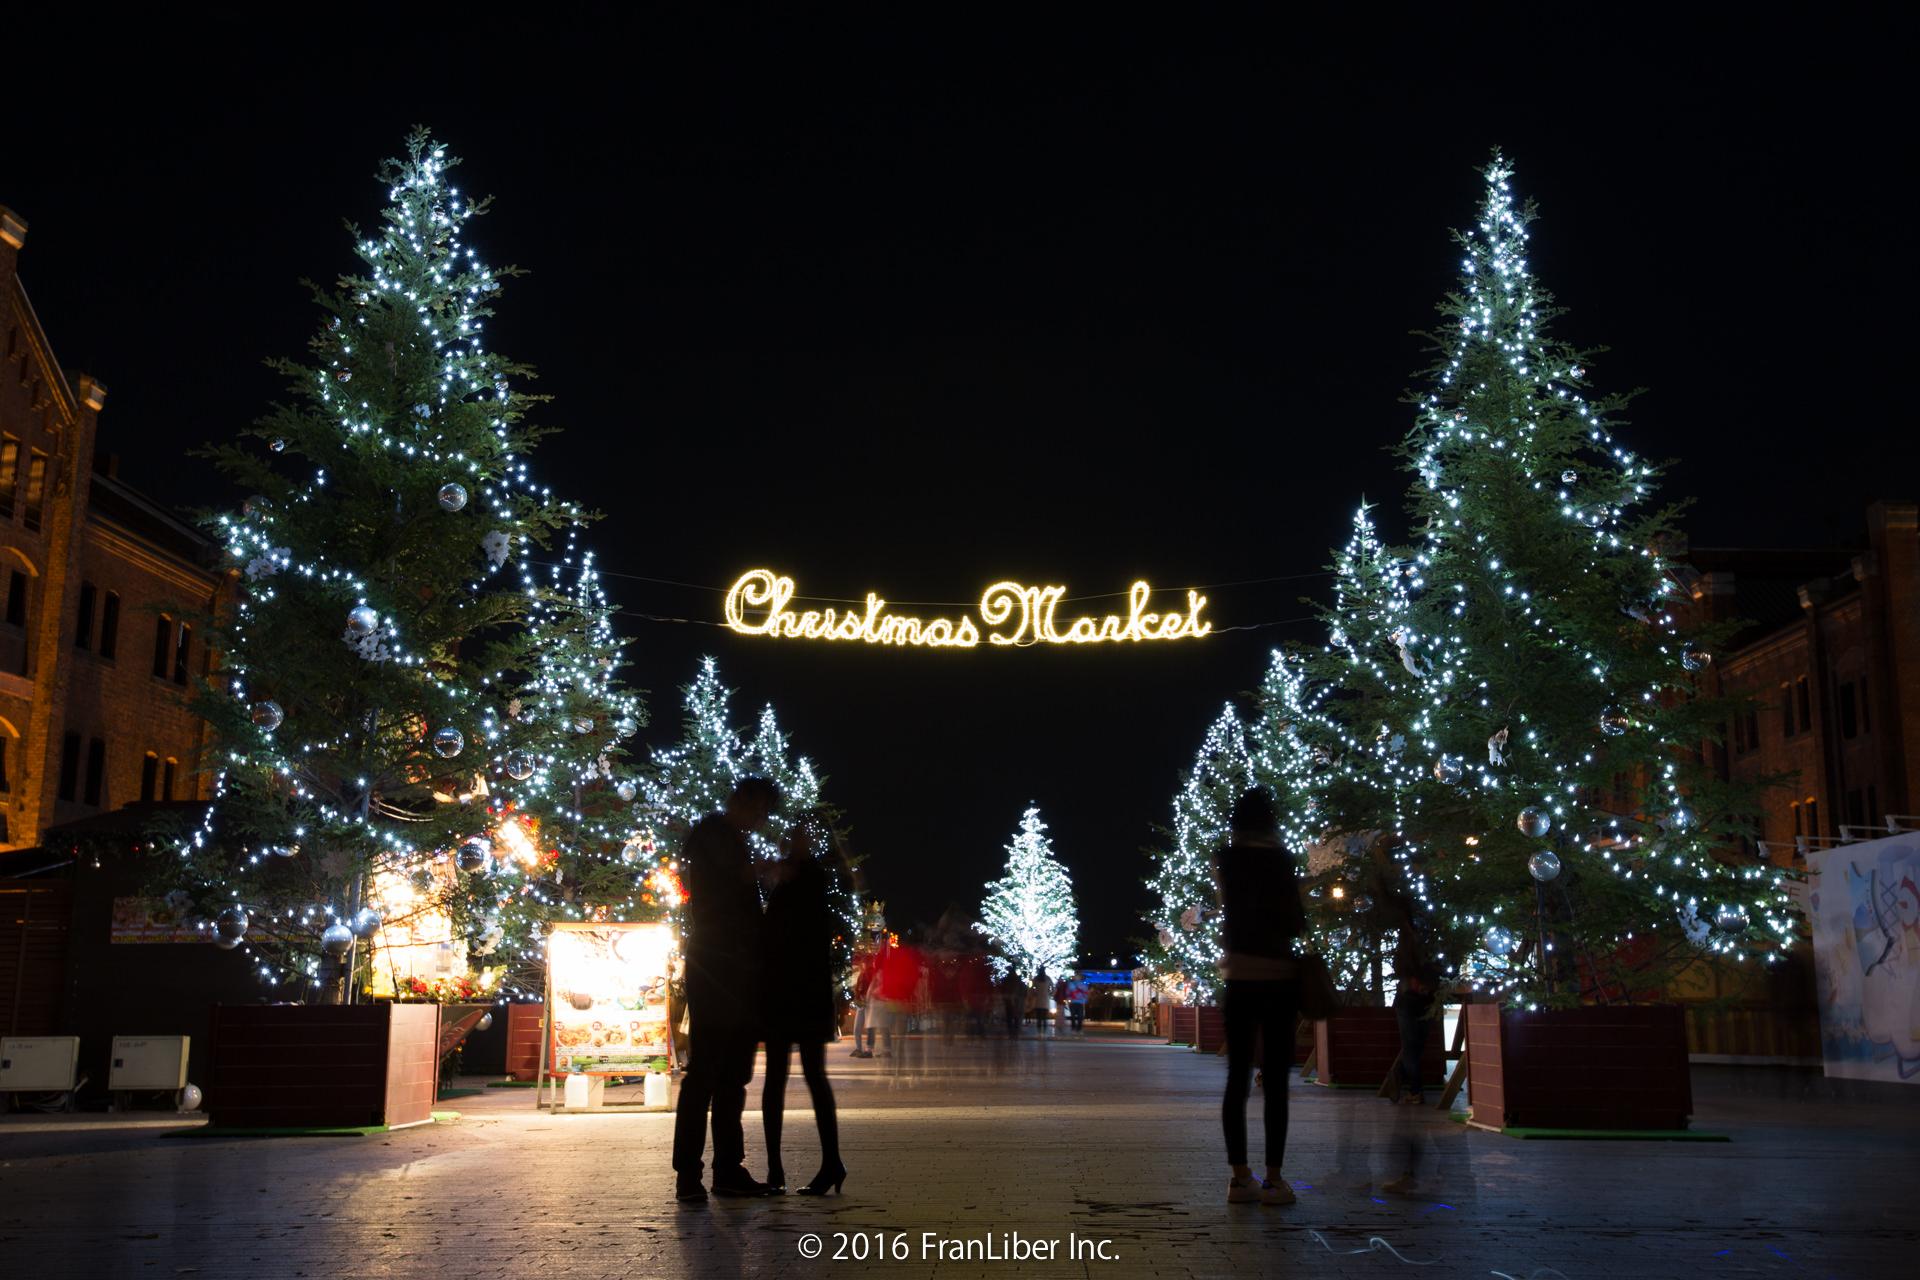 横浜赤レンガ倉庫で開催されるクリスマスマーケット入口